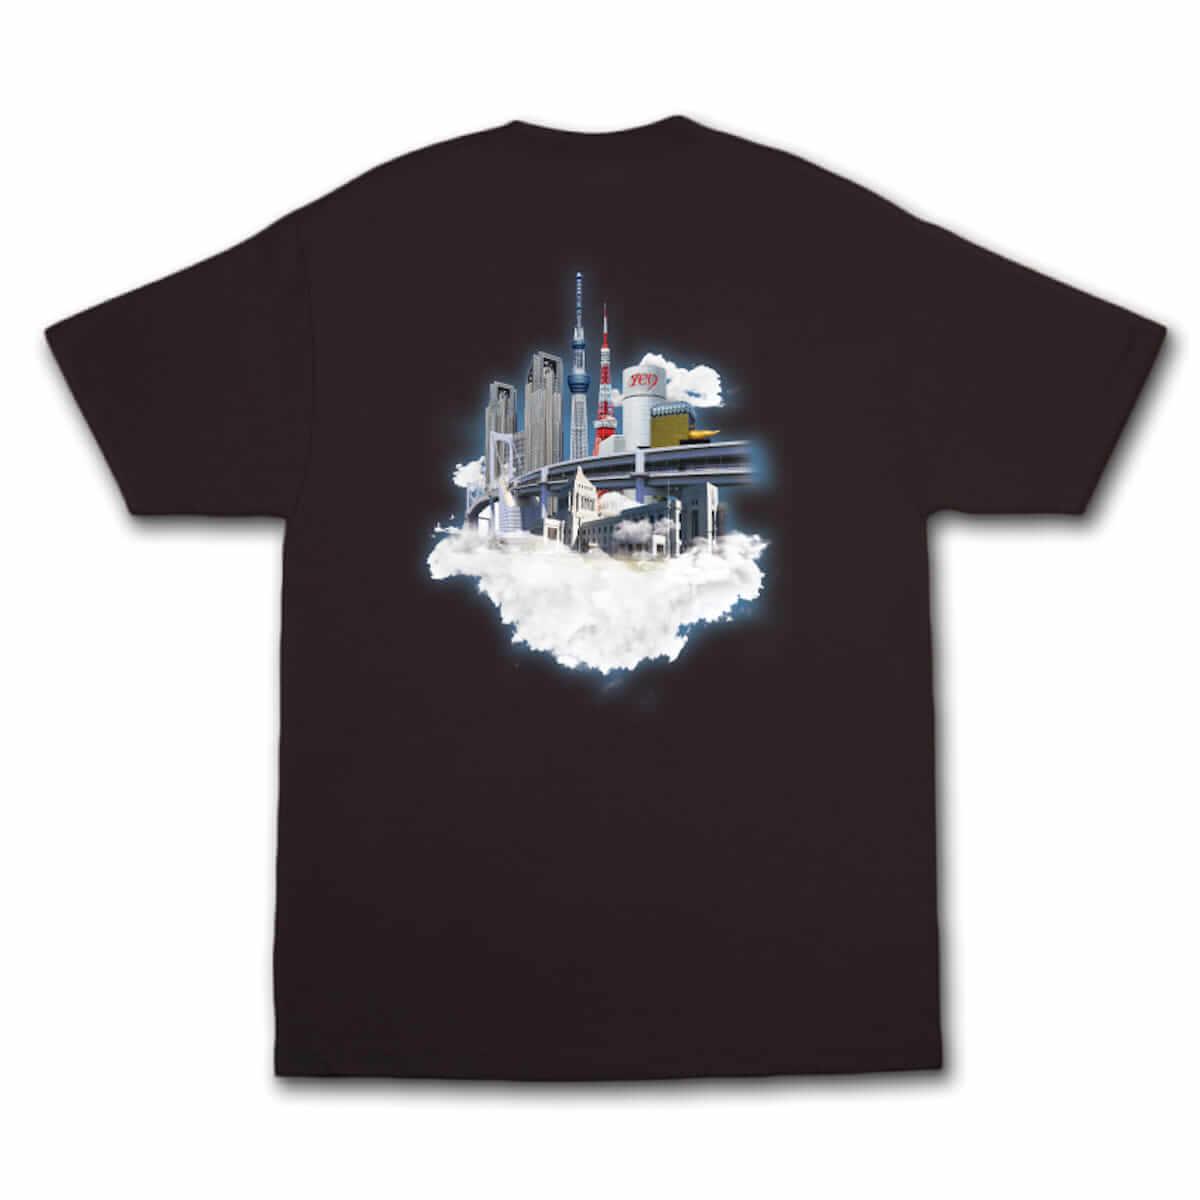 YENTOWNが大集合するイベント「YENJAMIN」の会場限定Tシャツのデザインが公開|kzm『DIMENSION』とAwichの新曲のリリパに music180714-yanjamin-3-1200x1200